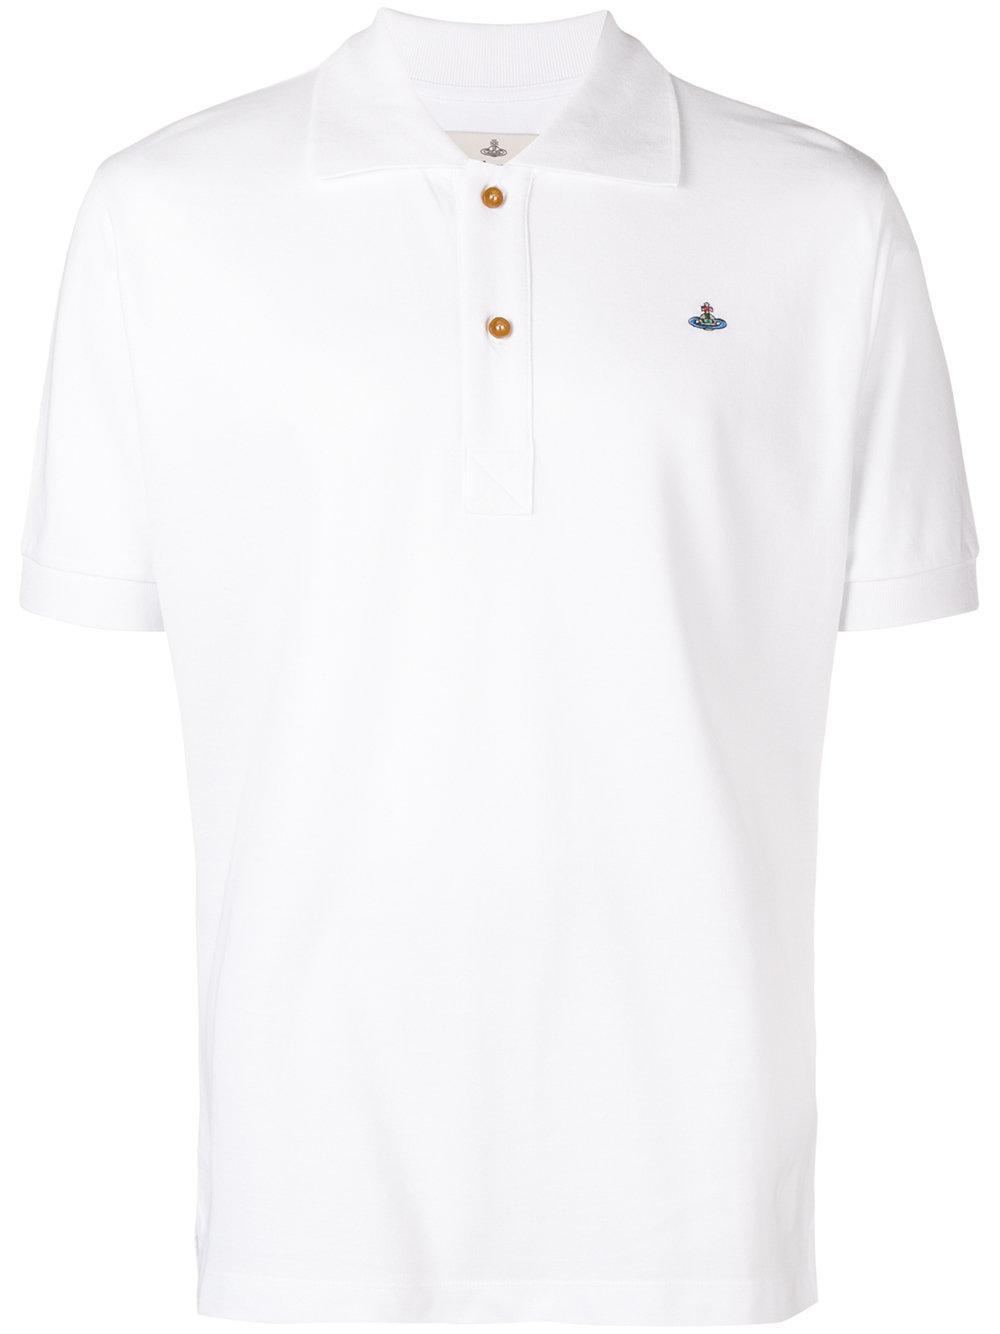 a932705b5 Vivienne Westwood PiquÉ Polo Shirt In White | ModeSens